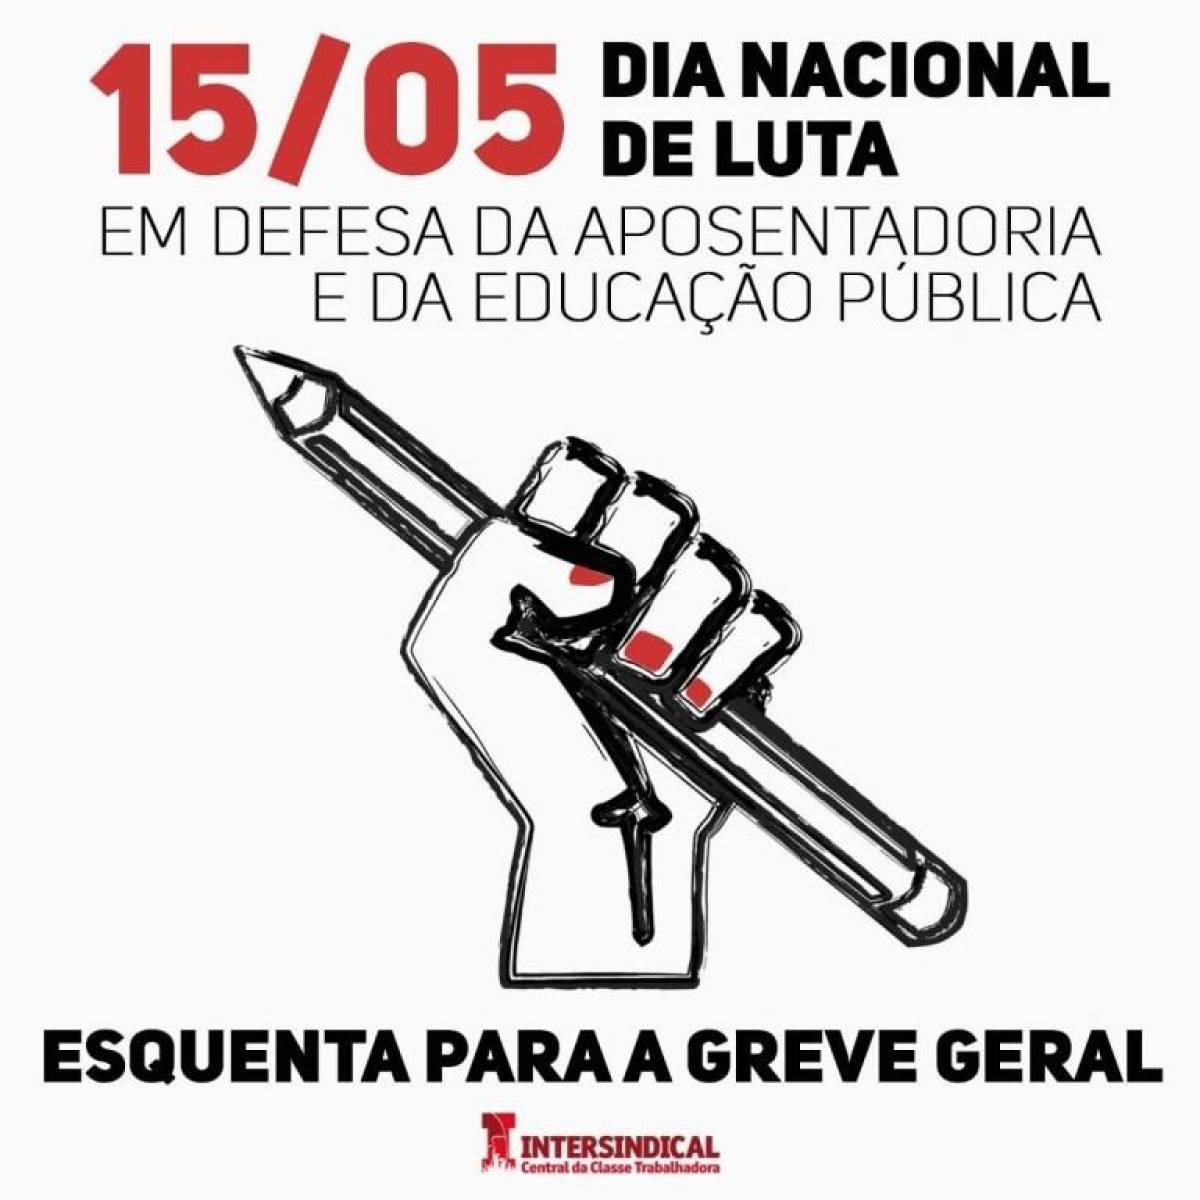 15M: Dia Nacional de Luta em Defesa da Aposentadoria e da Educação Pública